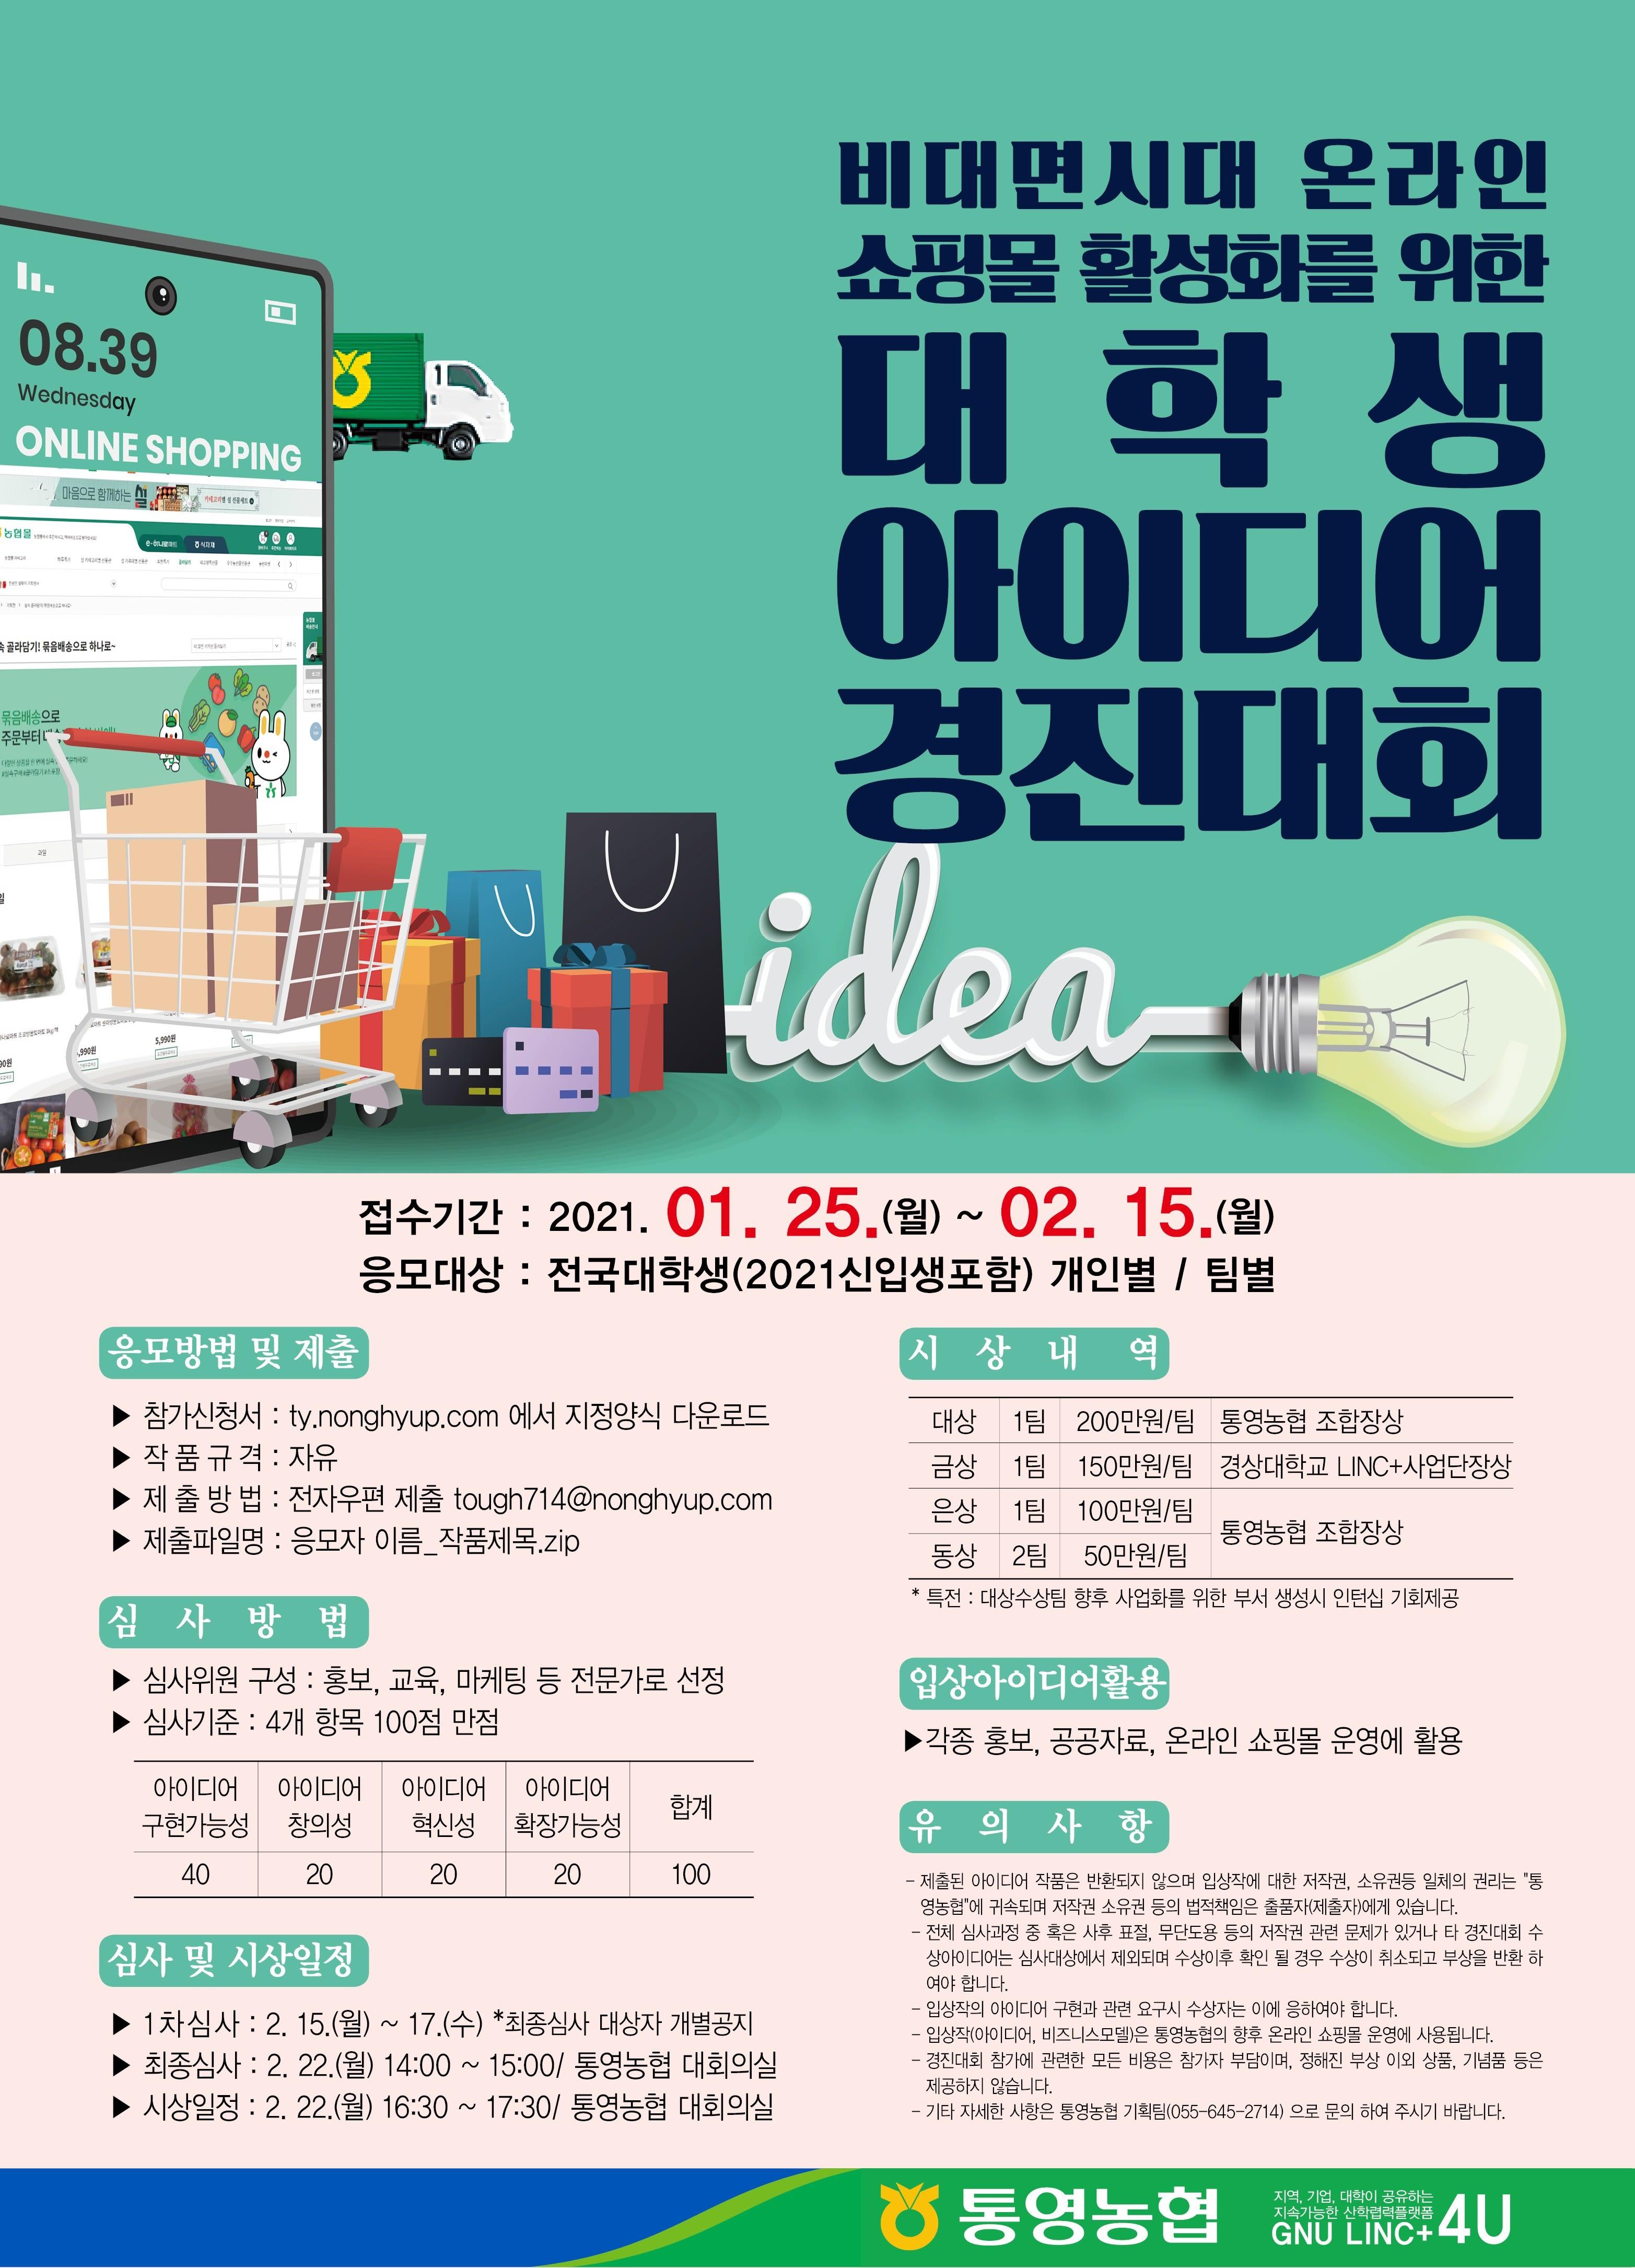 2021 통영농협 온라인쇼핑몰 활성화 대학생 아이디어 경진대회